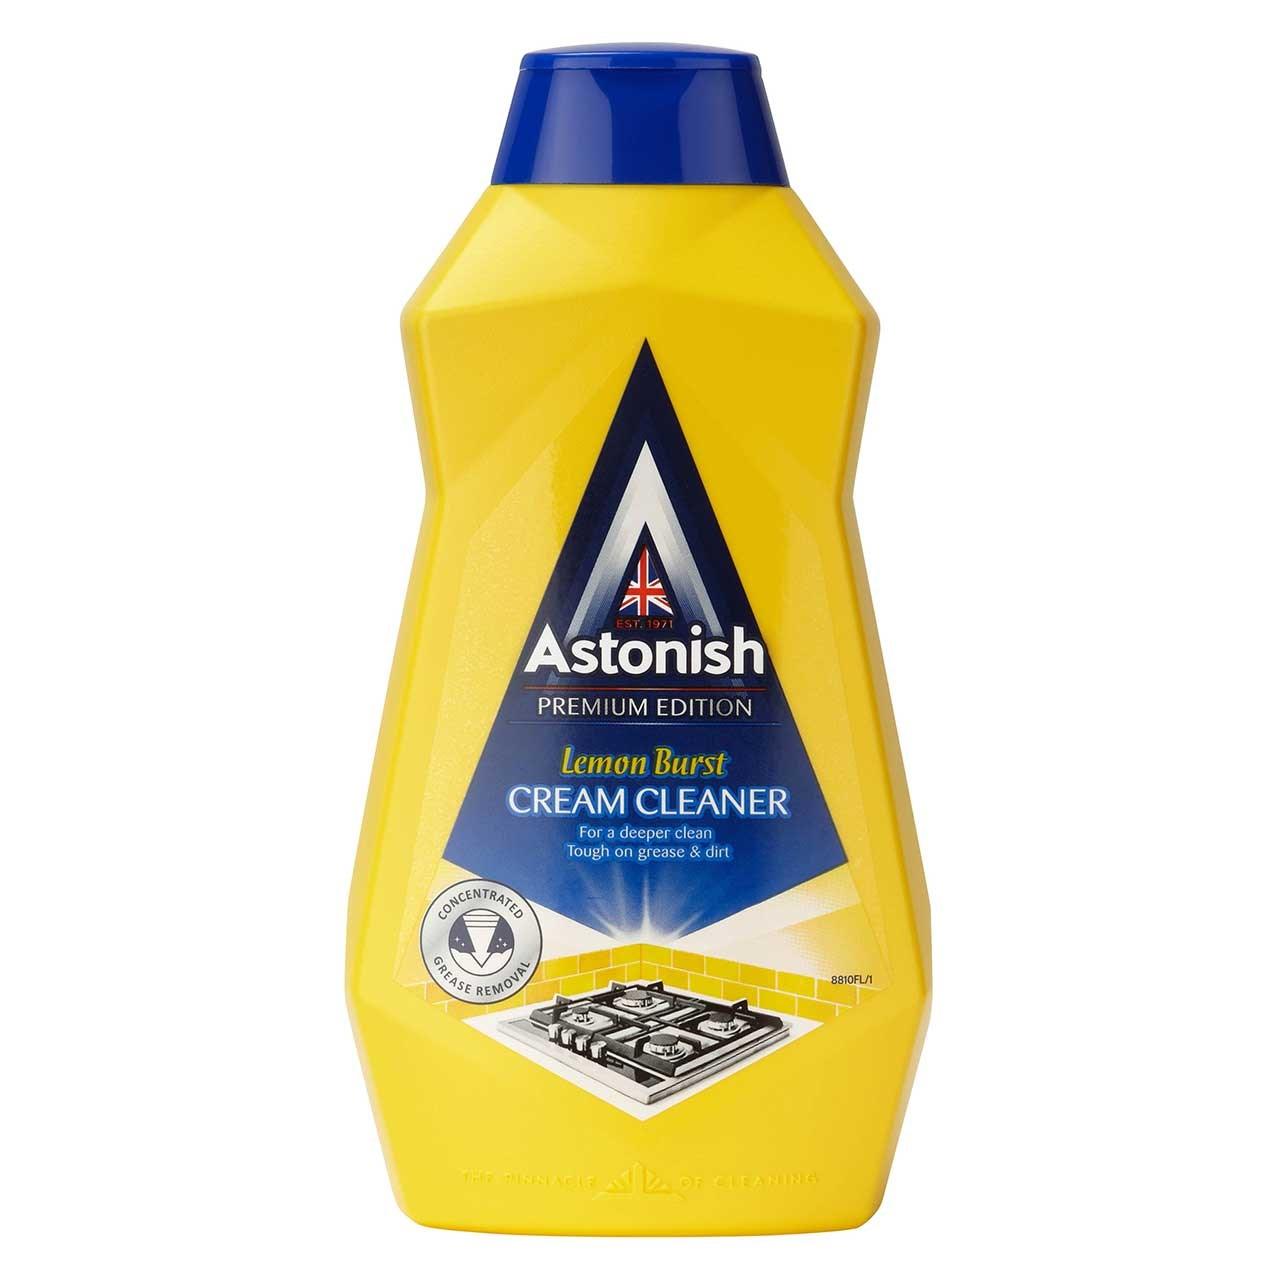 کرم پاک کننده استونیش مدل Lemon Brast حجم 500 میلیلیتر